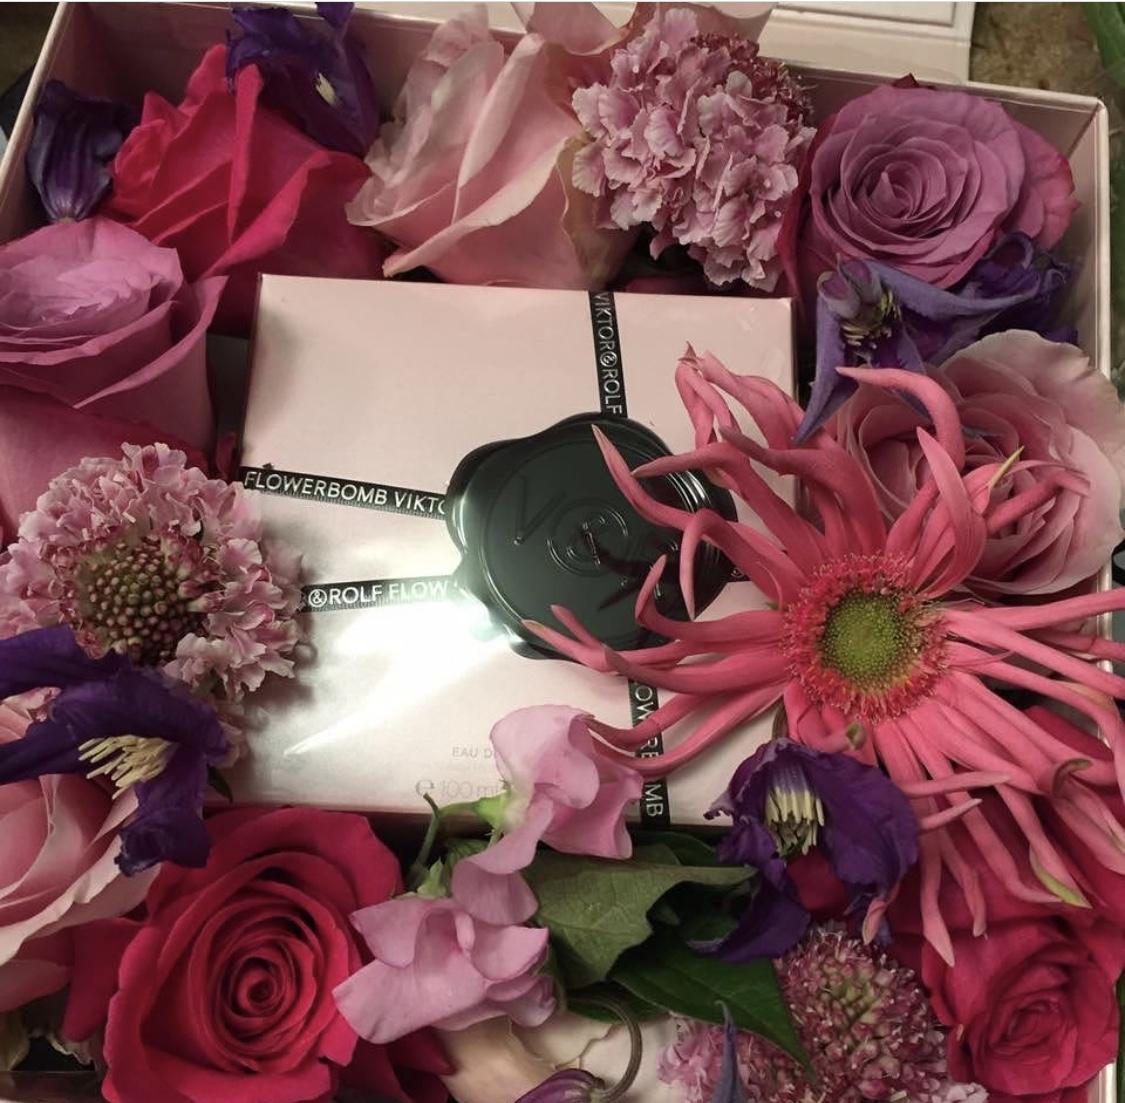 decoracion floral flores a domicilio madrid eventos madrid